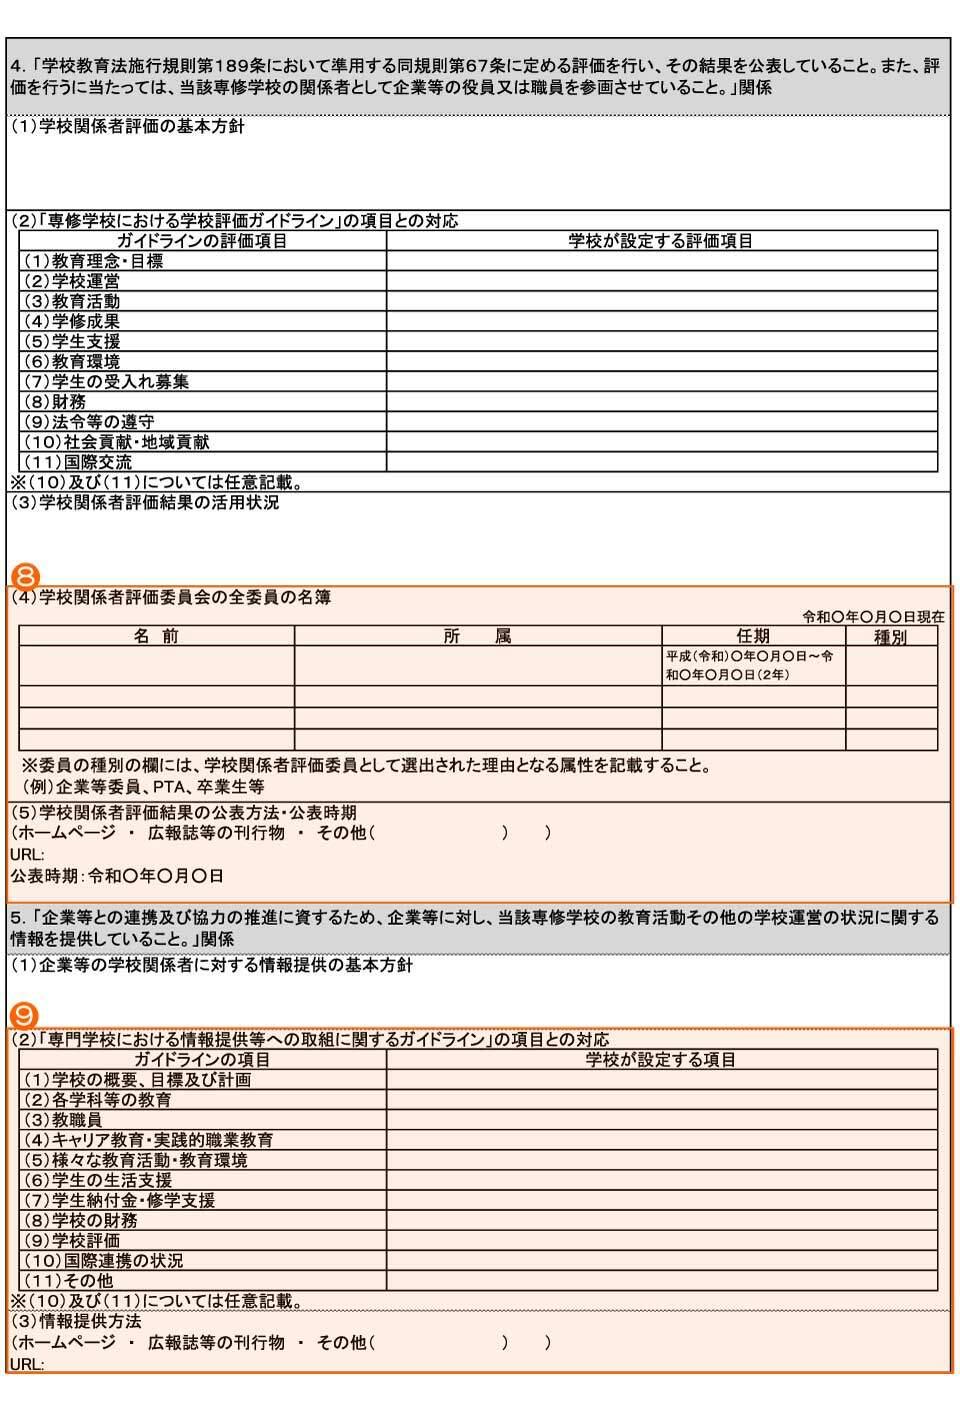 職業実践専門課程の基本情報様別紙様式4の見方その4